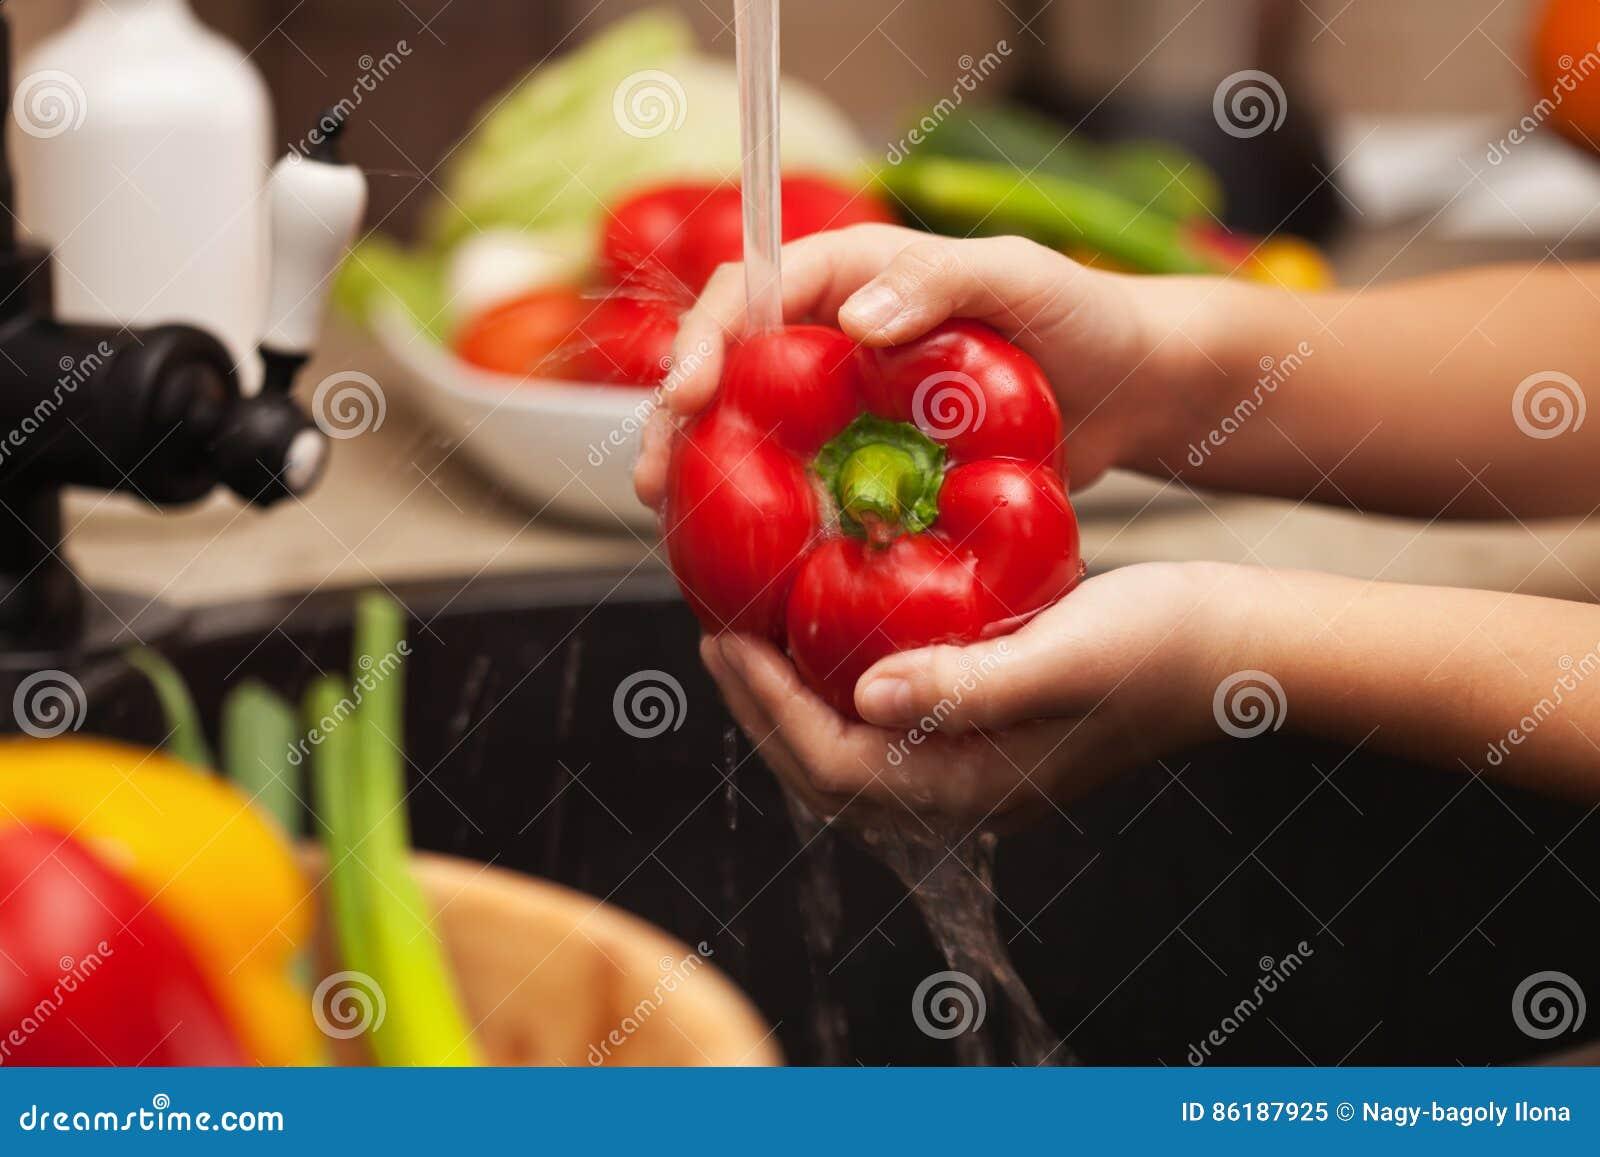 Ortaggi freschi di lavaggio per un insalata sana - il pepp rosso della campana